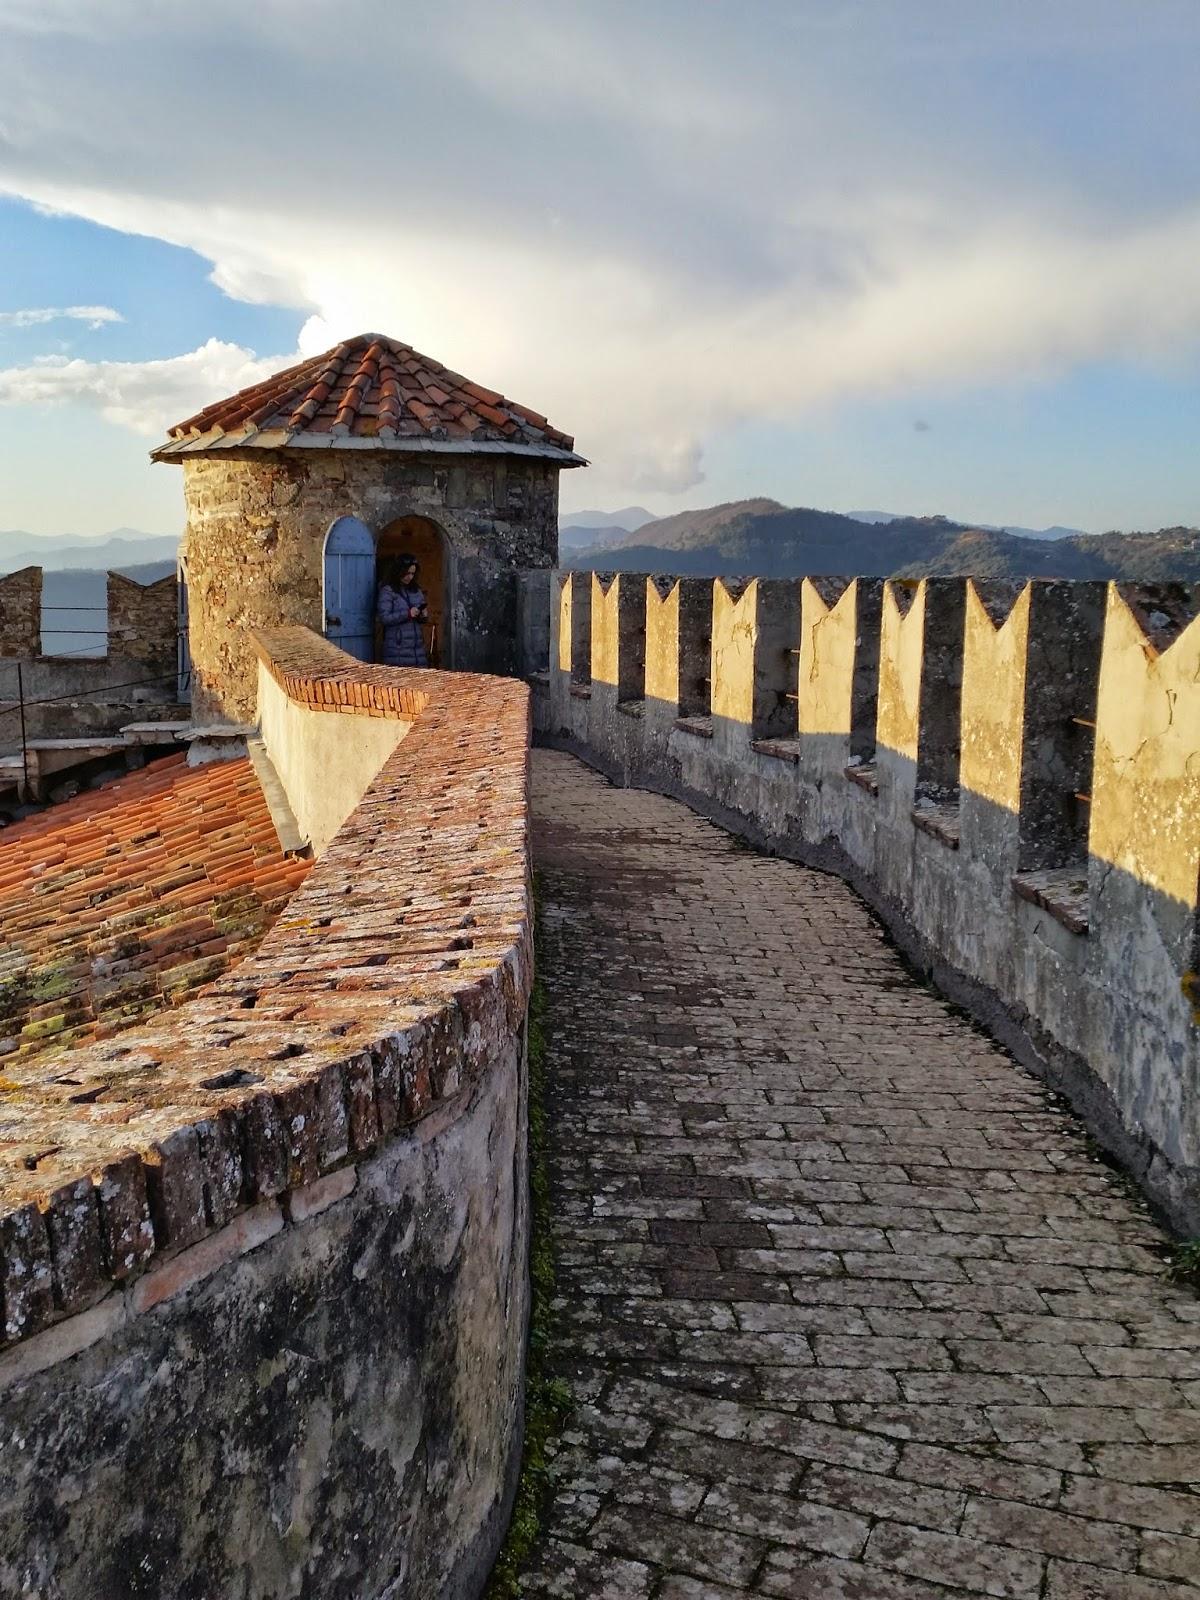 Castello di fosdinovo ed il suo fantasma toscani viaggiatori for Piani camera a castello